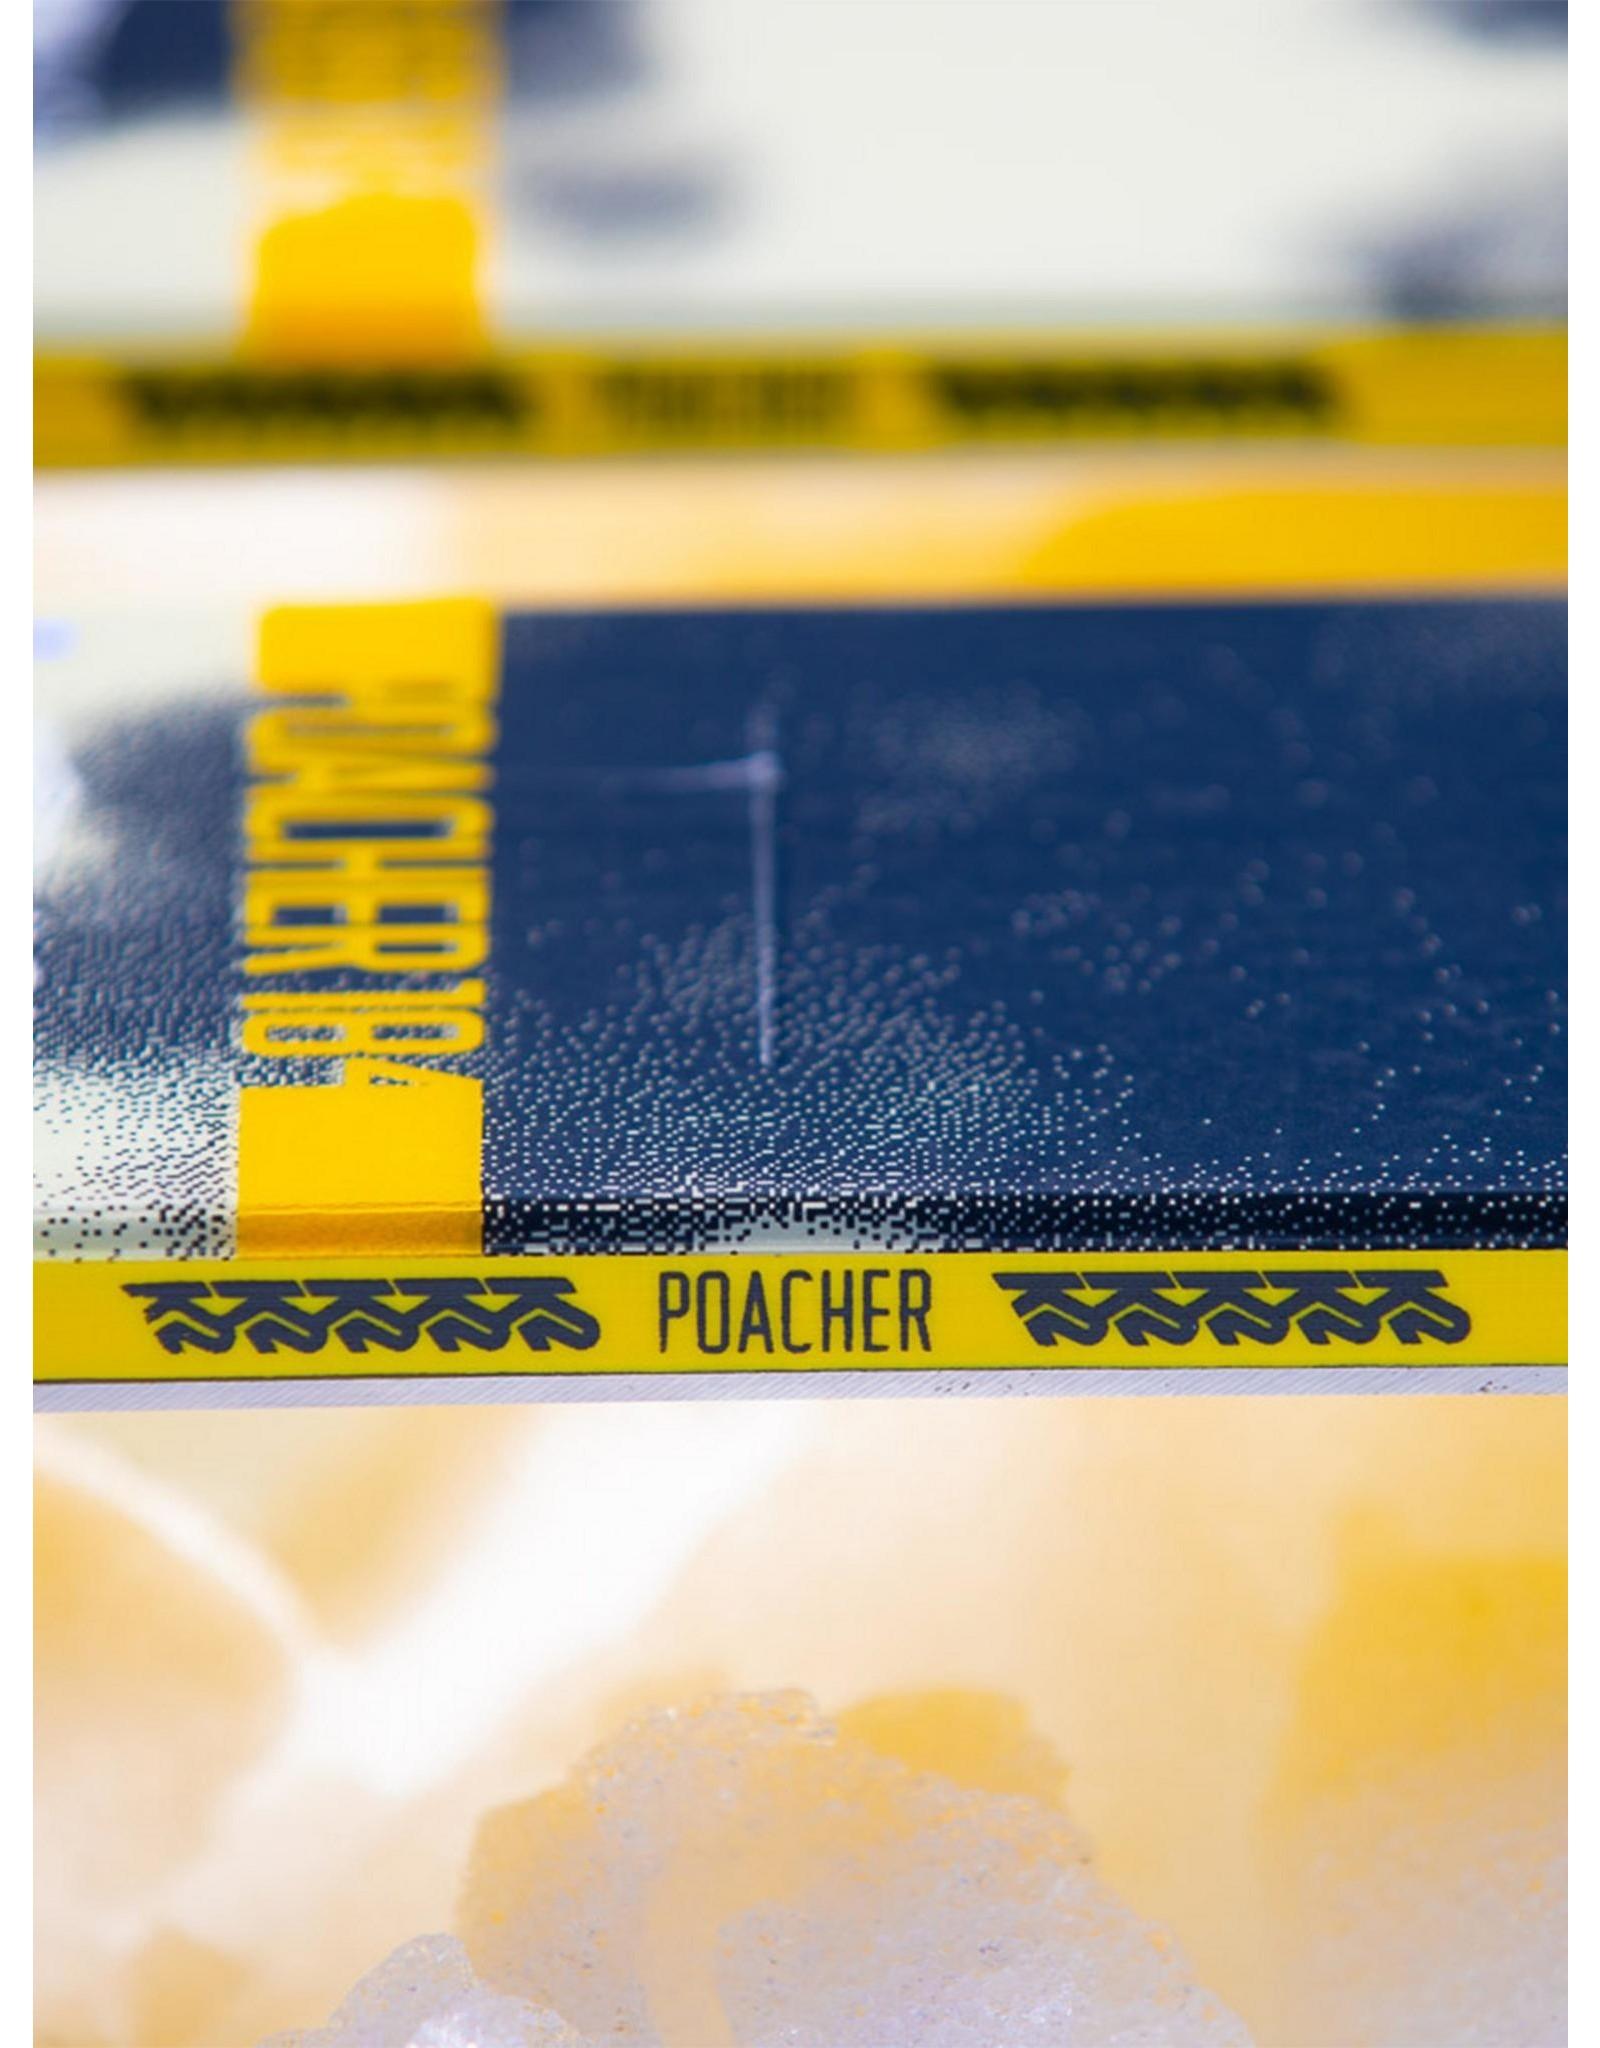 K2 K2 SKI ALPIN POACHER F NX-10 21